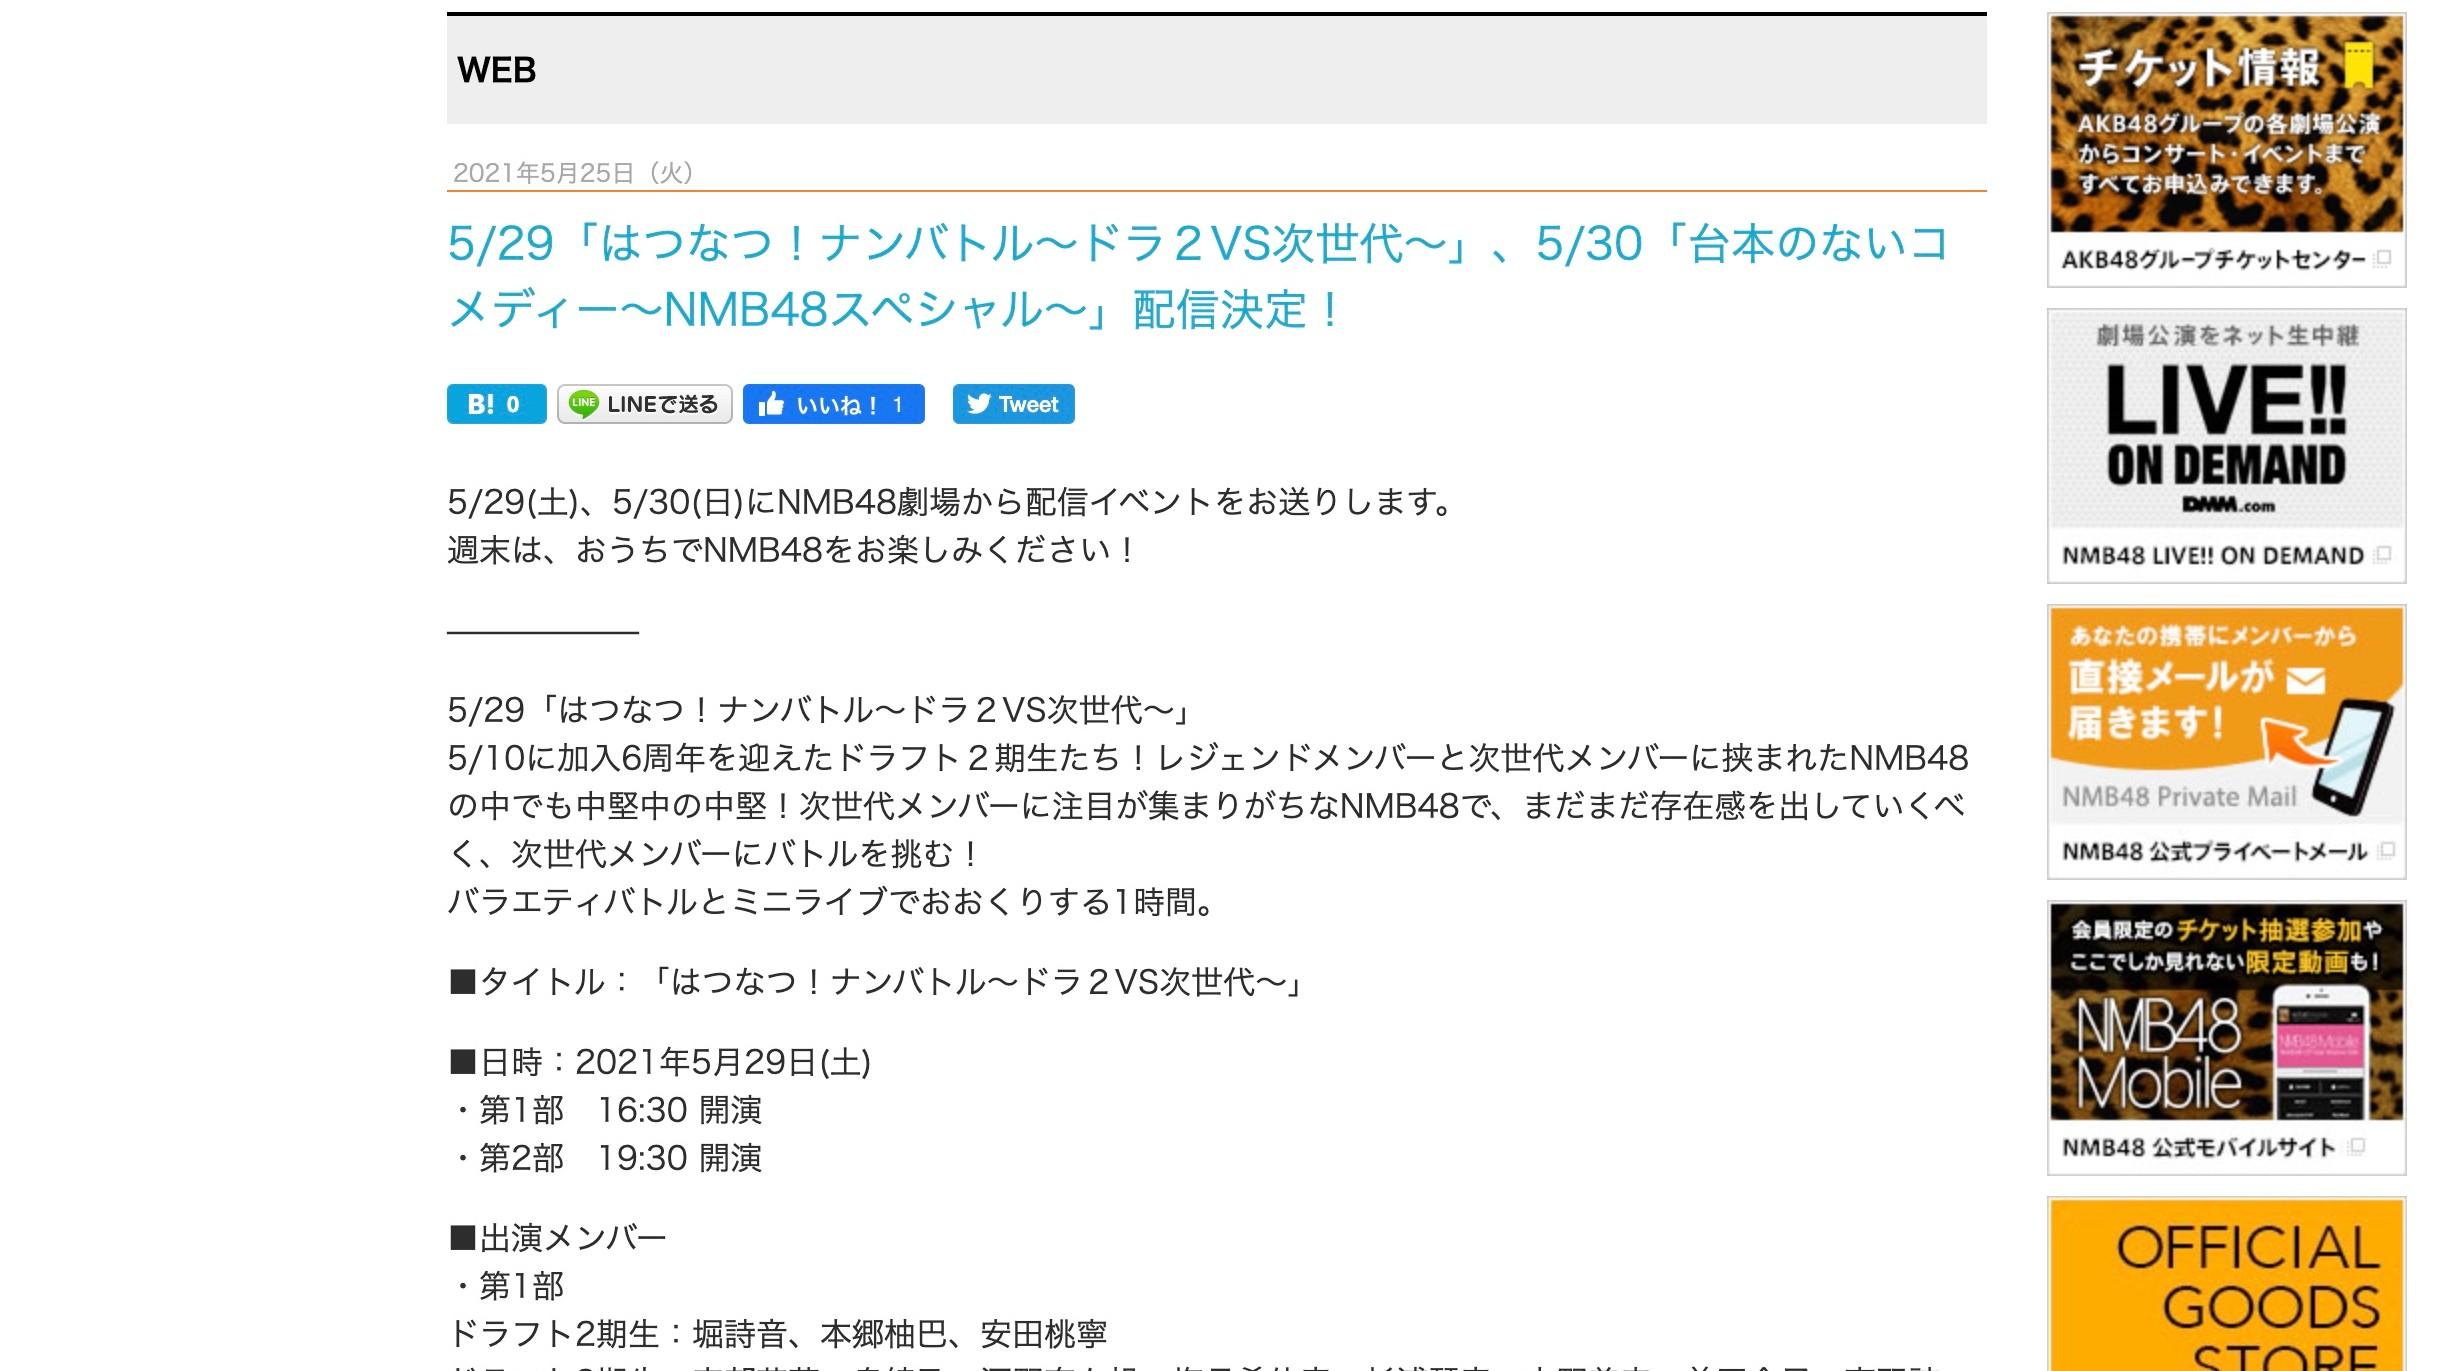 【NMB48】5月29日・30日に「はつなつ!ナンバトル」と「台本のないコメディー」の配信イベントが開催